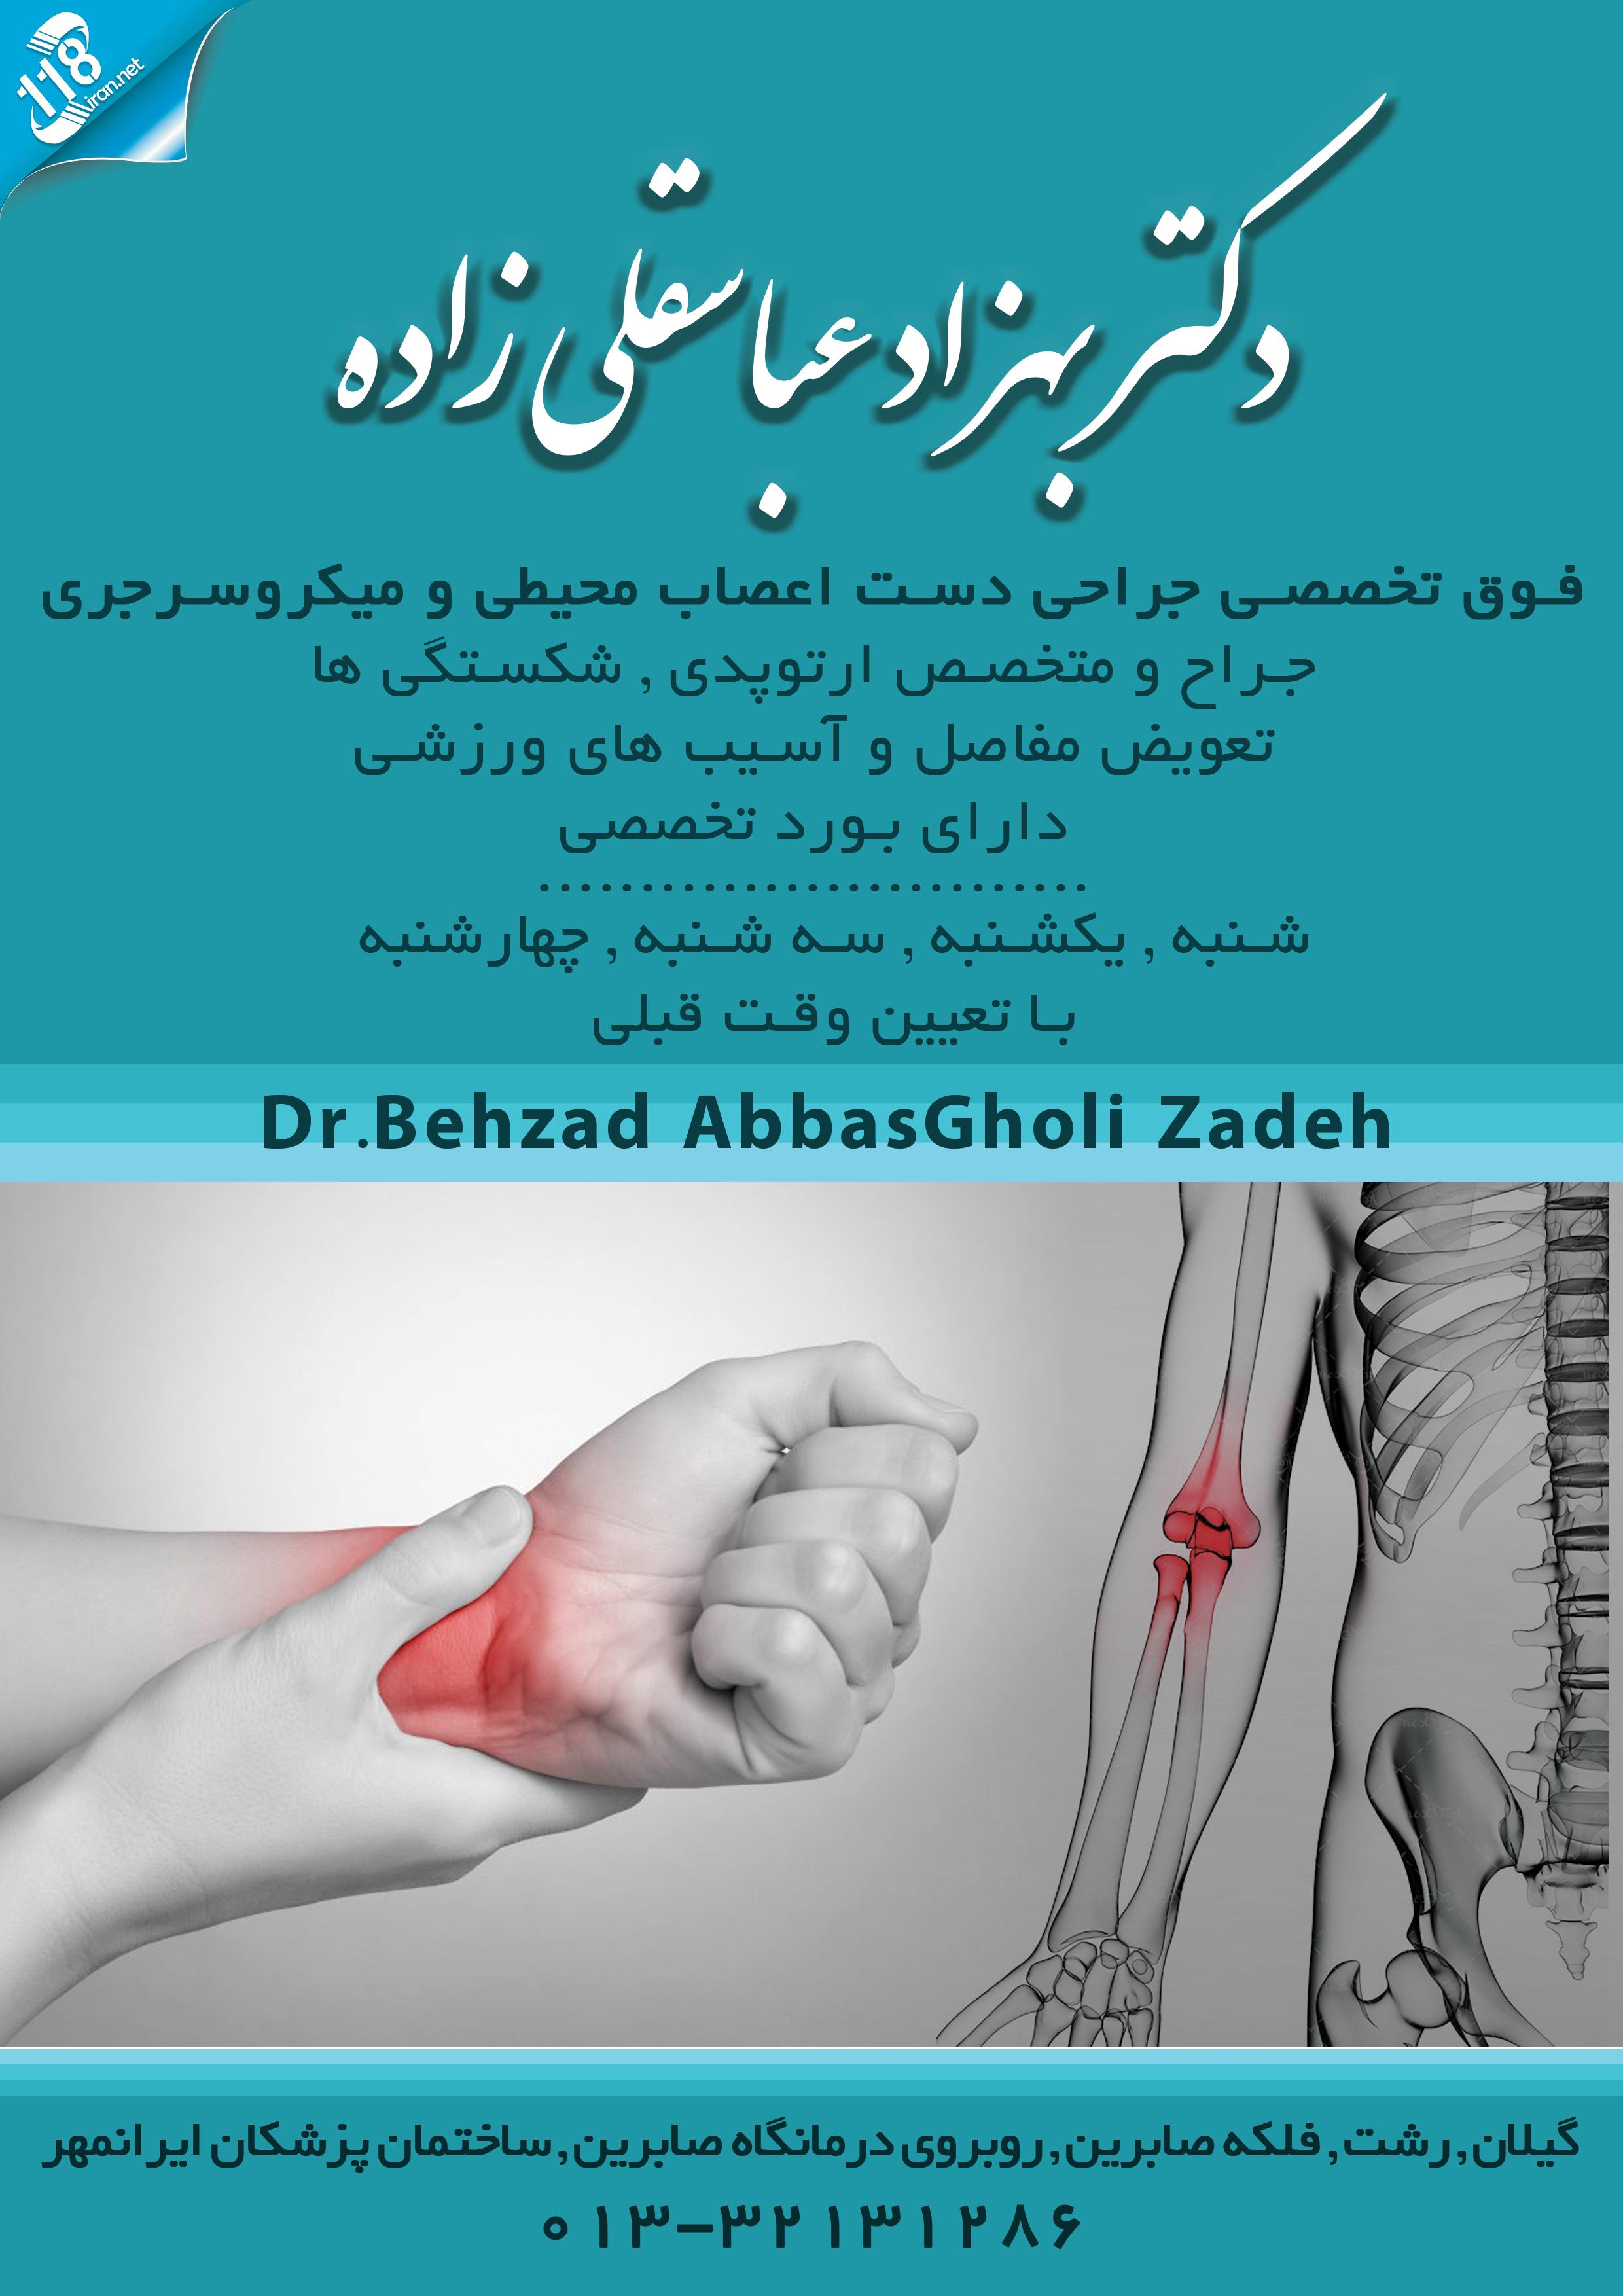 دکتر بهزاد عباسقلی زاده